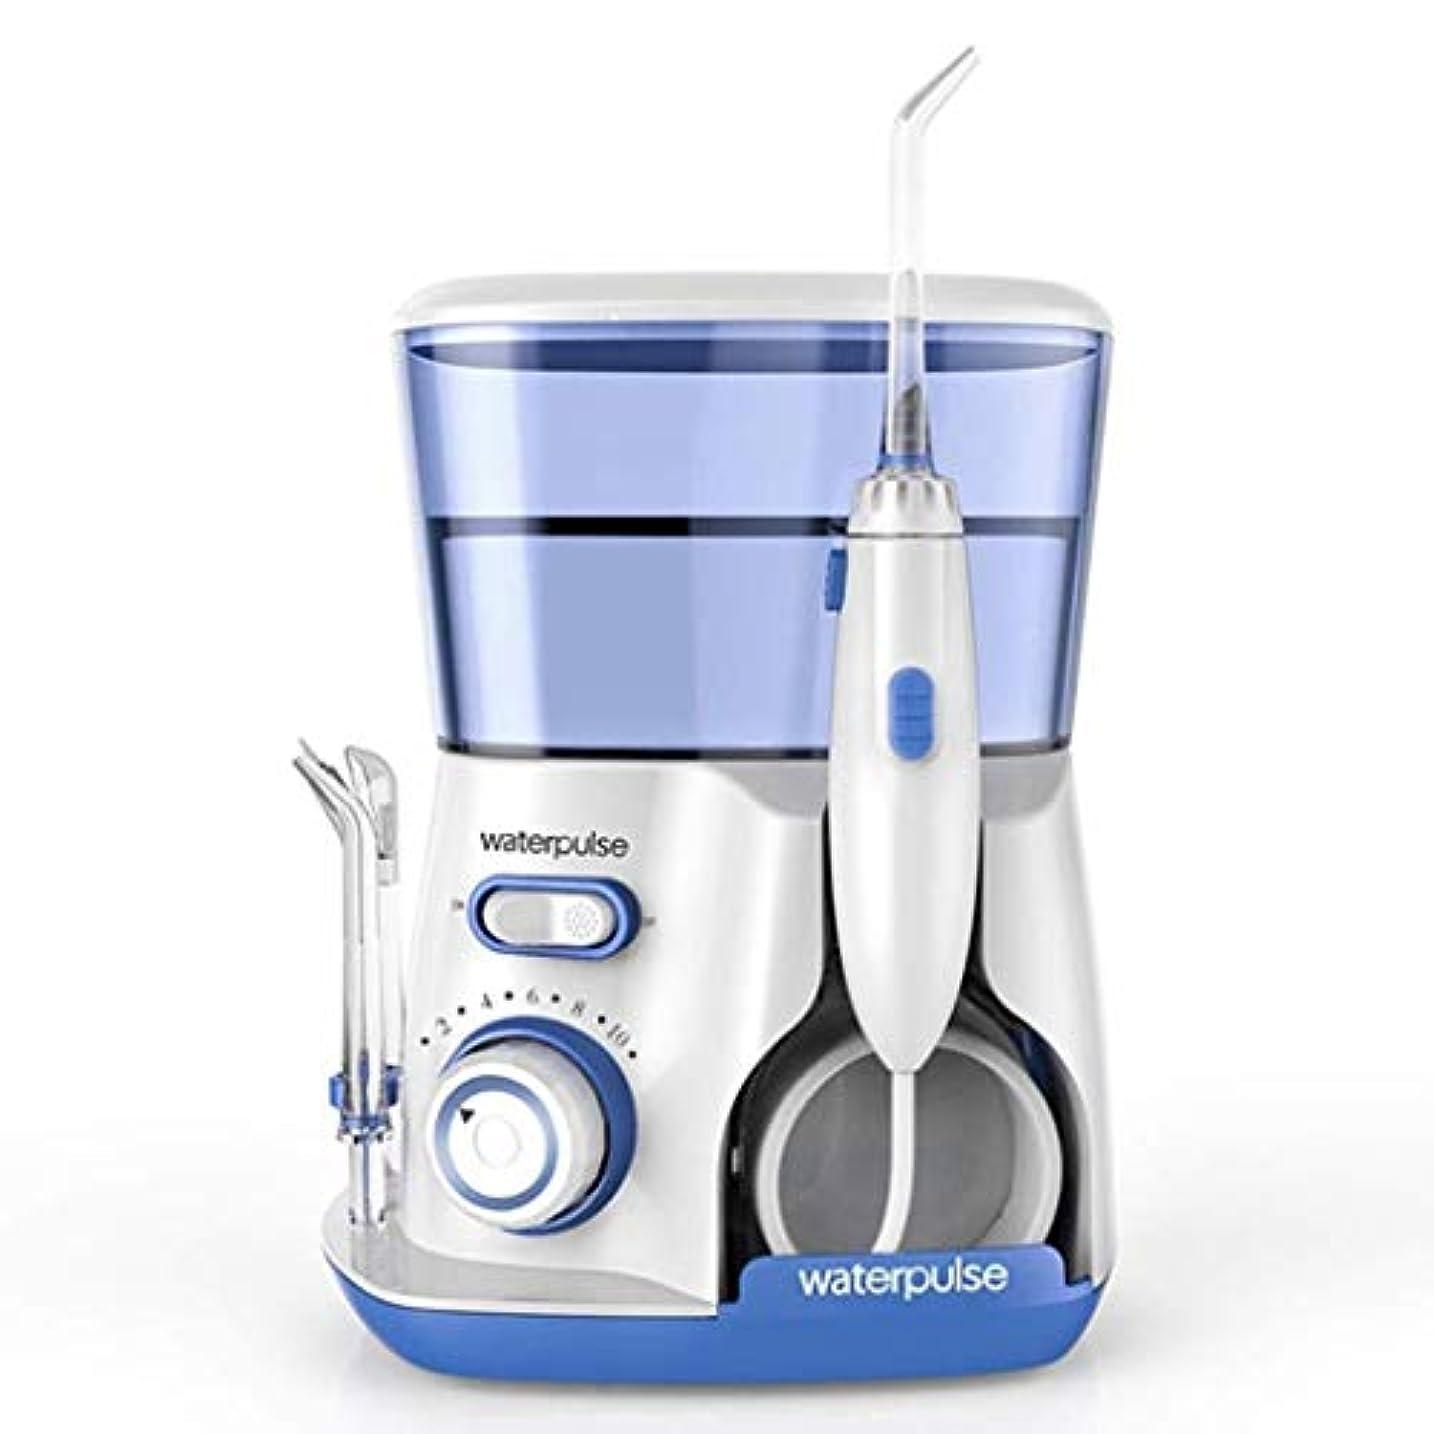 行う自由舌な歯科洗浄機、電動歯洗浄機、ポータブル家庭用口腔洗浄機、5つのノズル付き800ML、360度の洗浄 (Color : V)